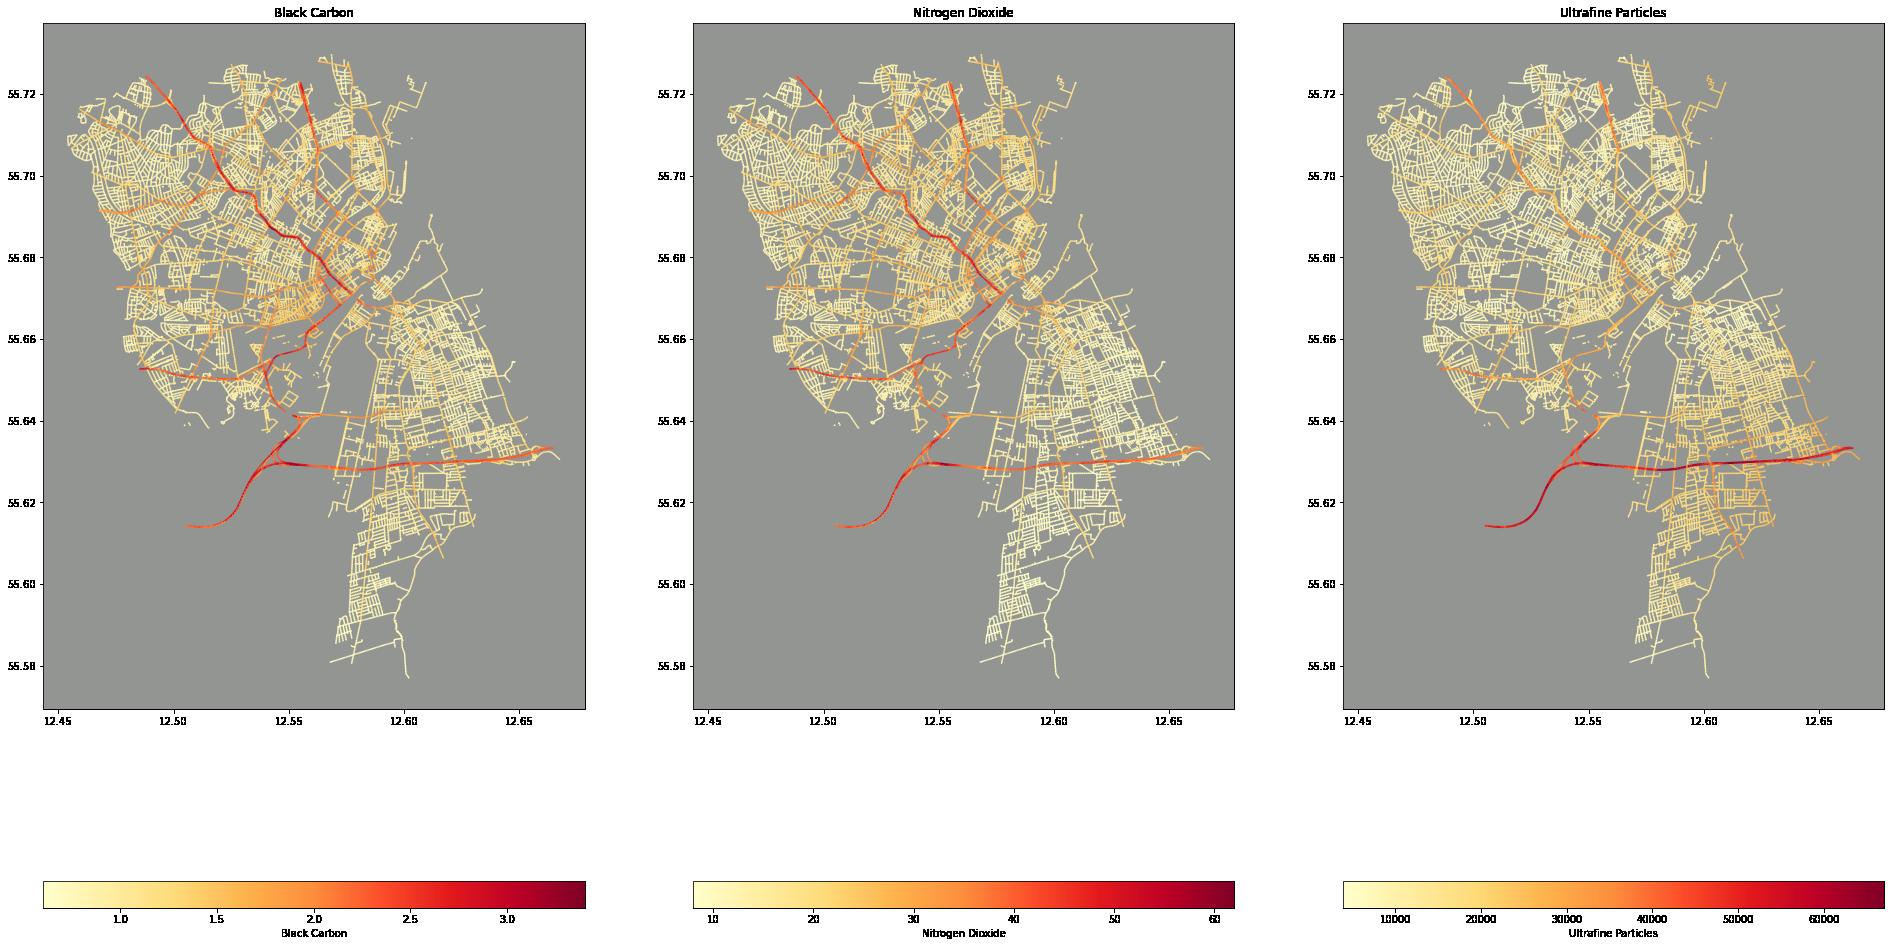 Hvilken rute er den mindst forurenede? Åbne data muliggør egne beregninger